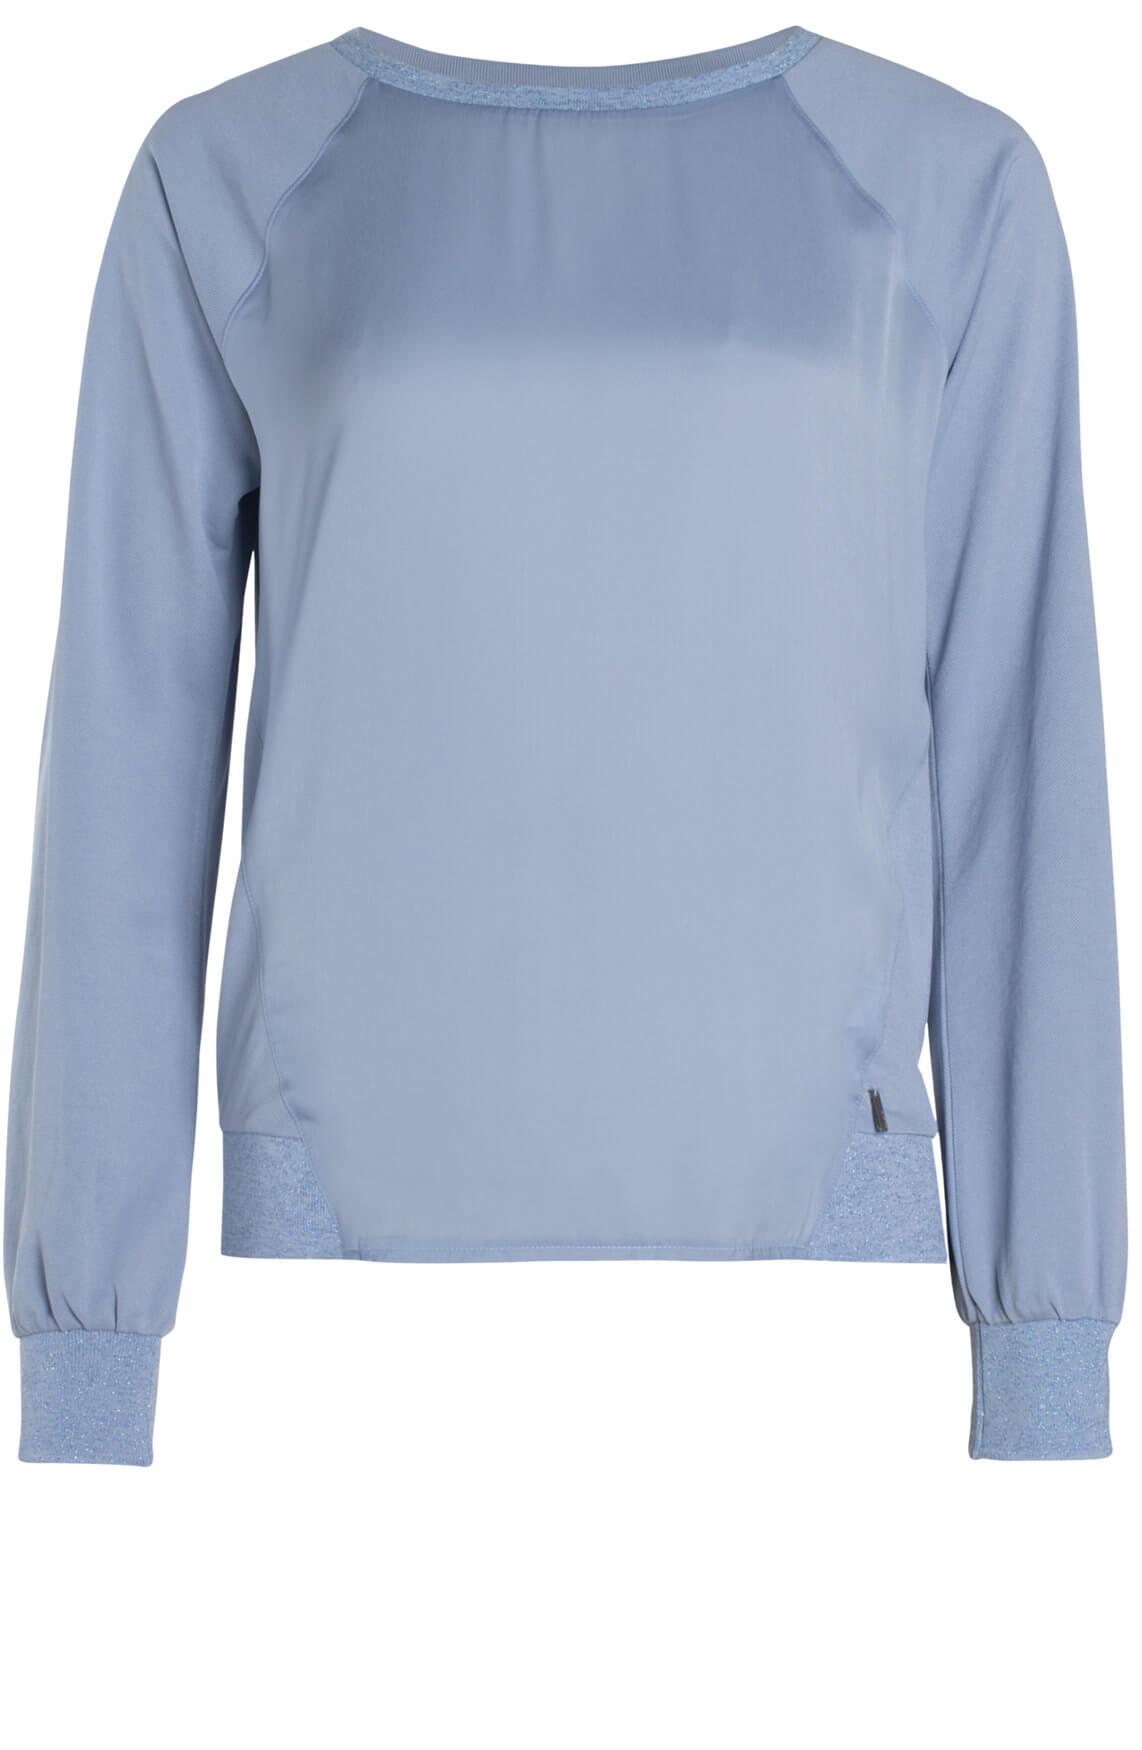 Anna Dames Materiaalmix shirt Blauw